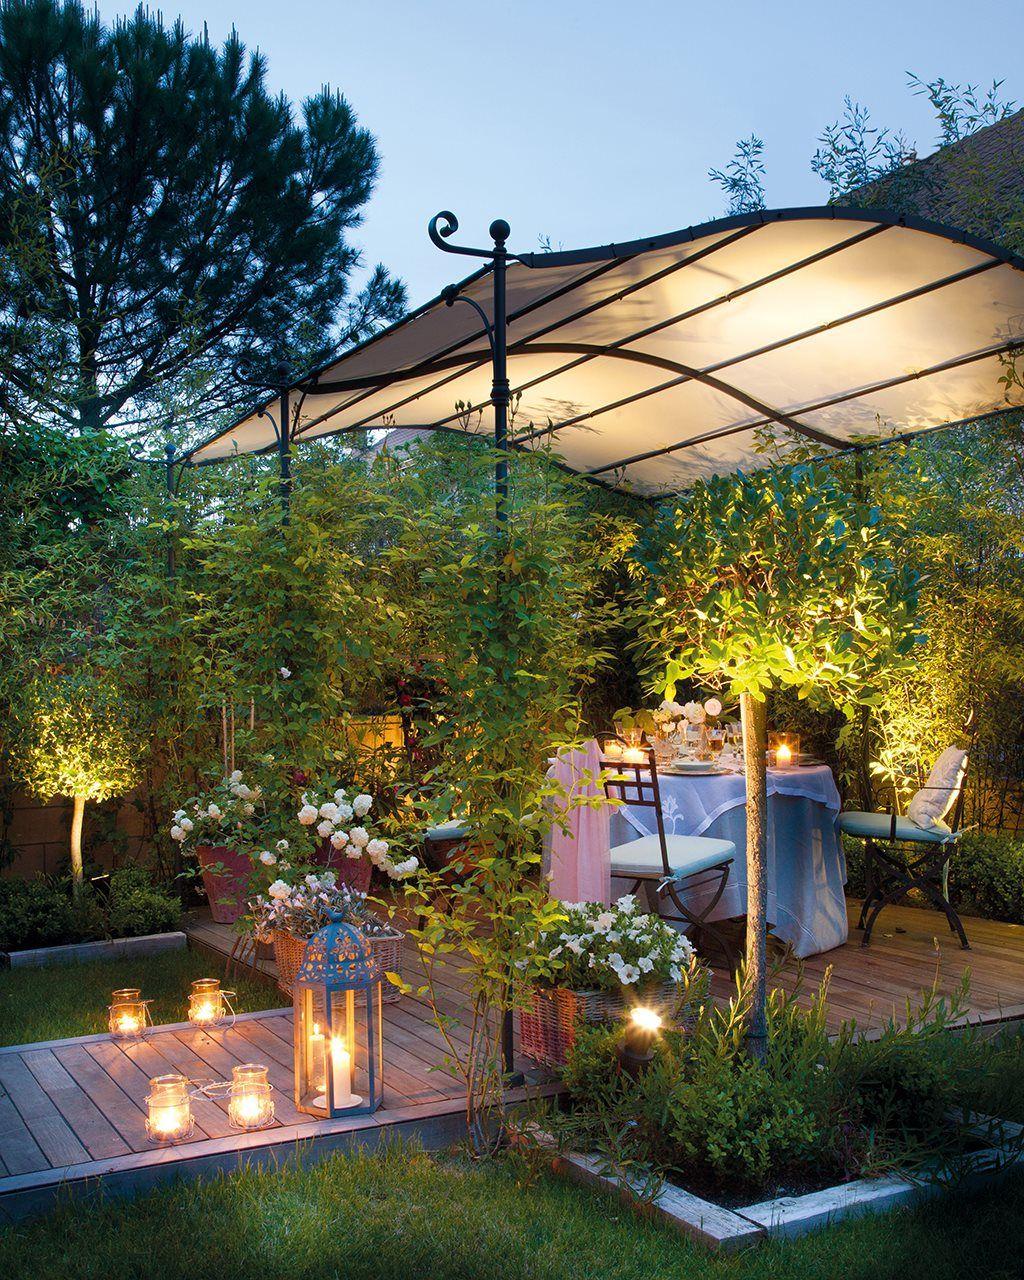 15 comedores con encanto al aire libre for Jardines pequenos con encanto